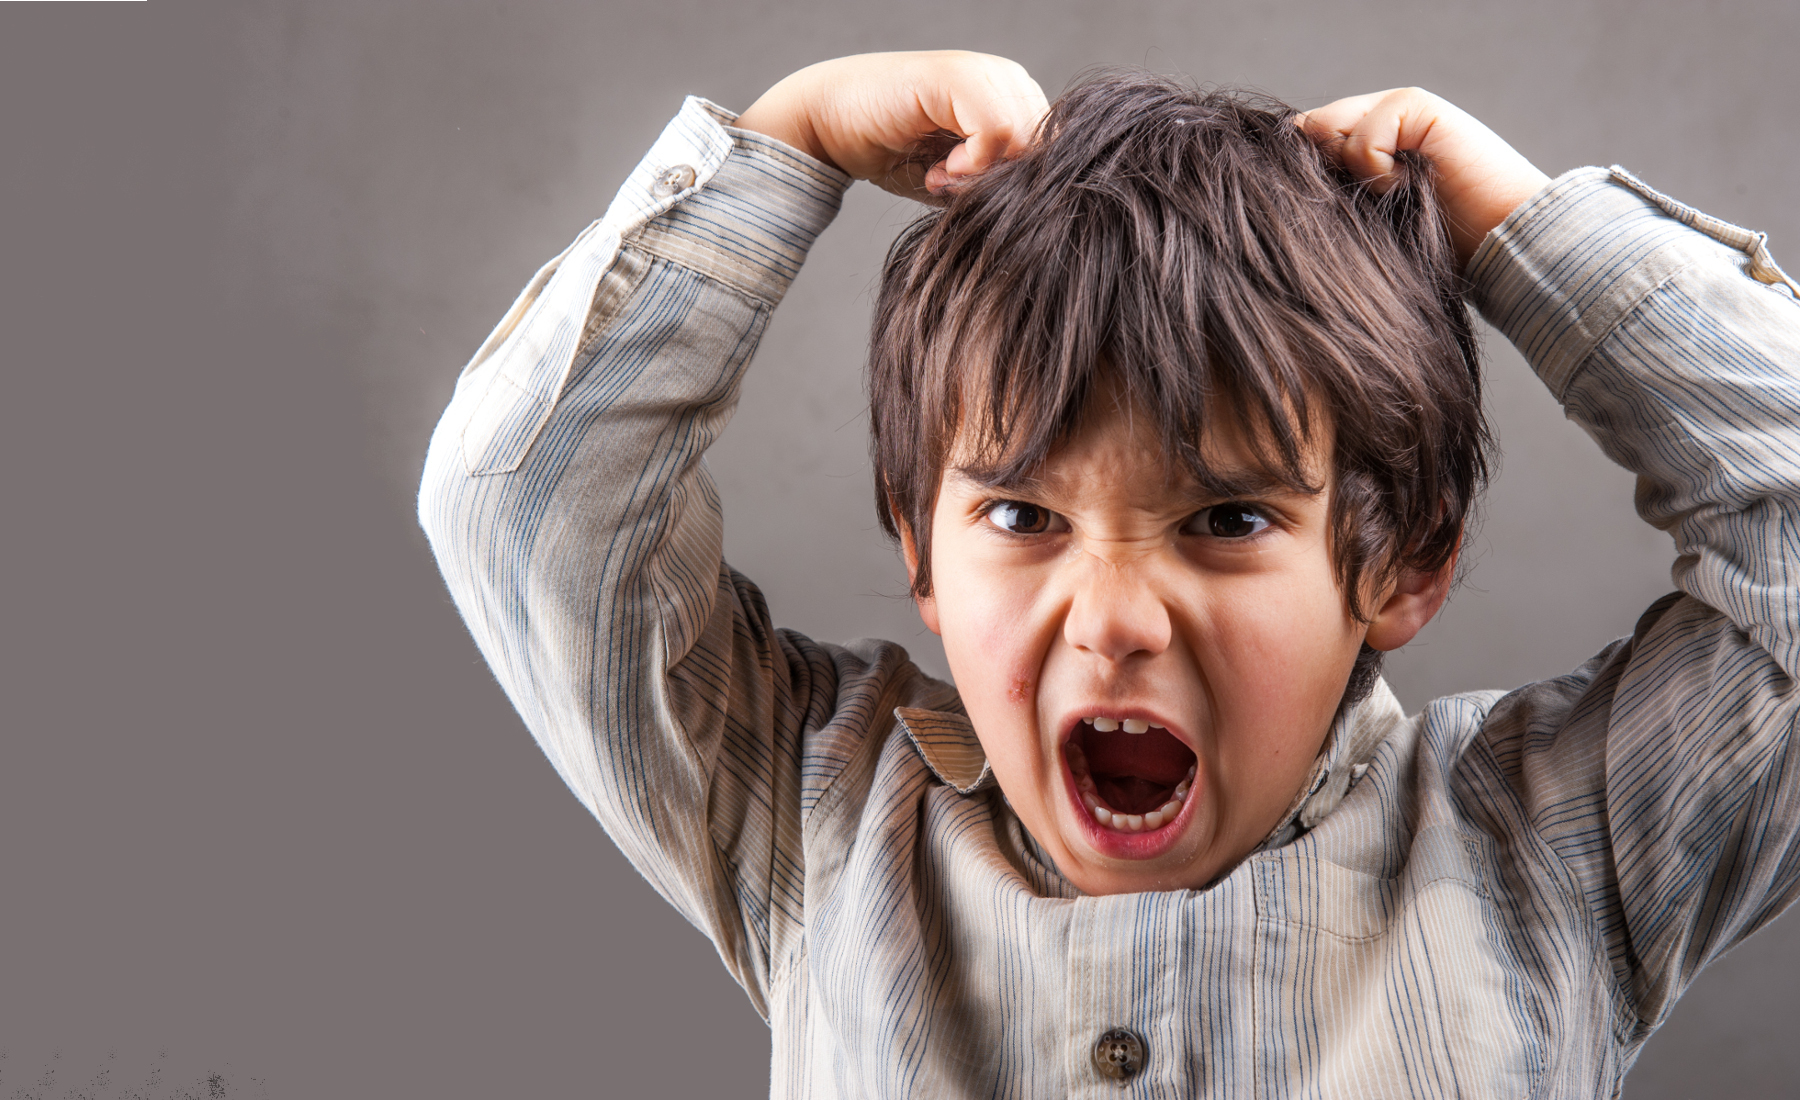 וויסות רגשי - התפרצויות זעם של ילדים